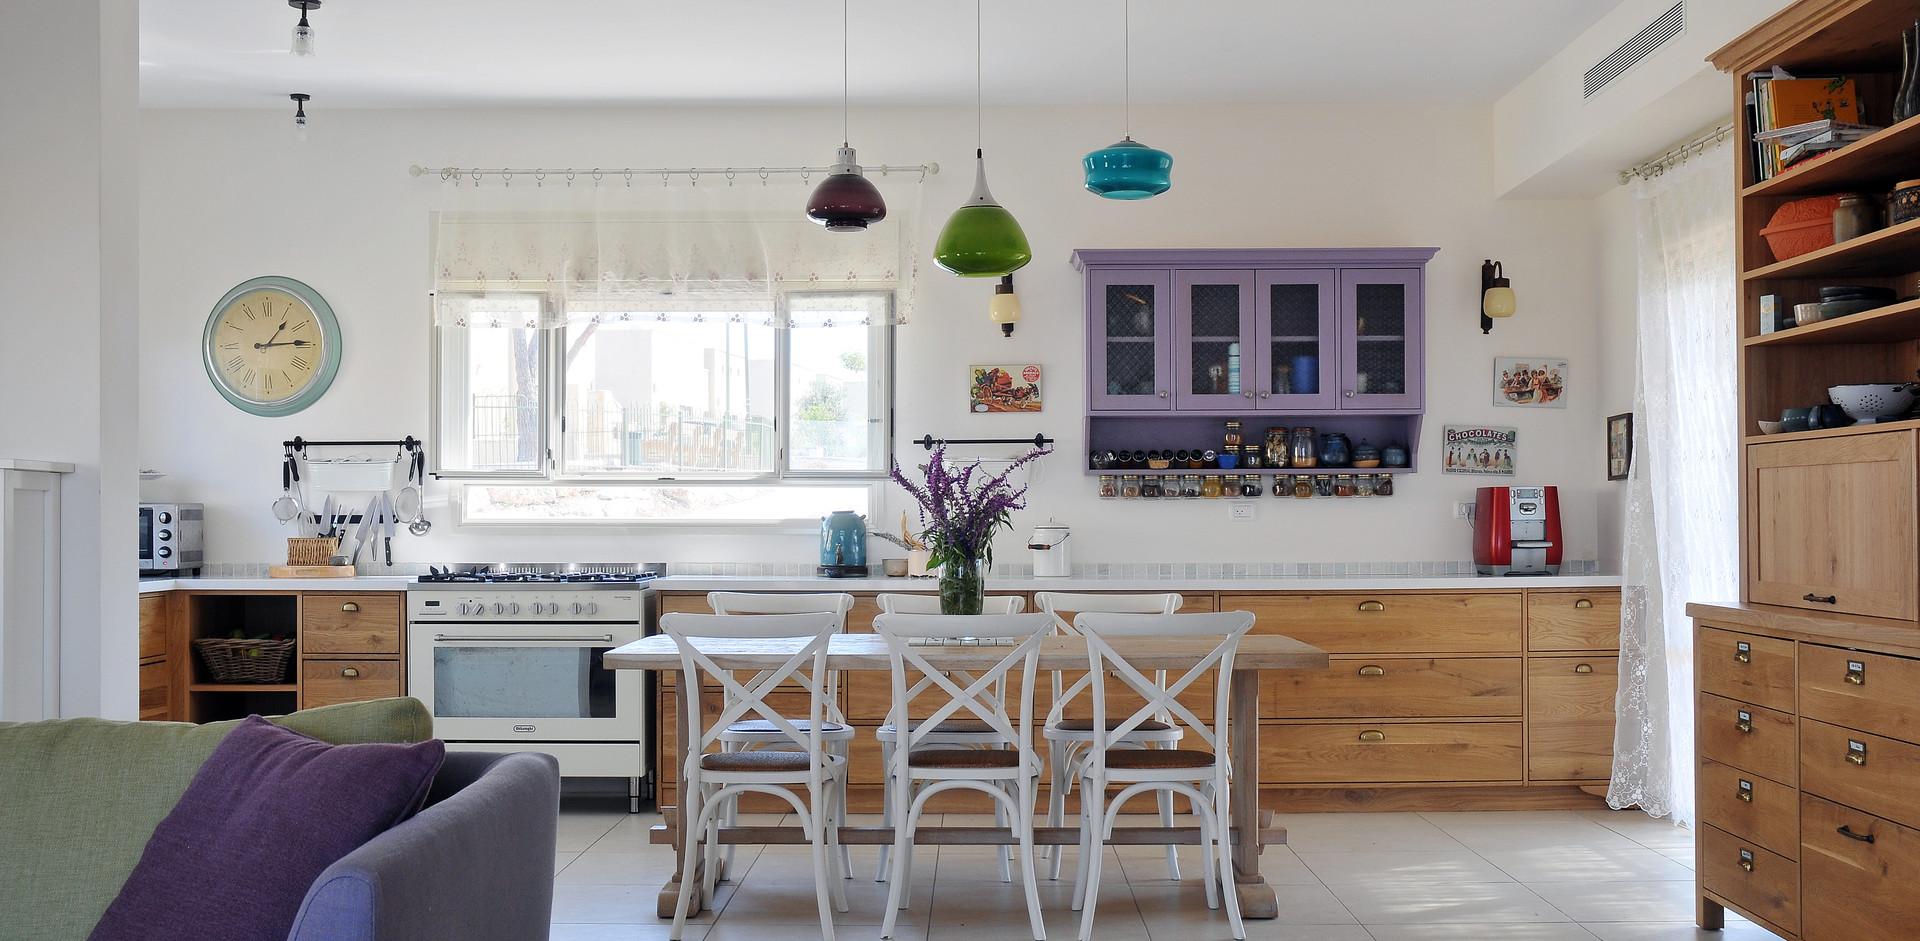 המטבח תוכנן כלב הבית- שם נמצאים בני המשפחה מרבית שעות המשותפות. אוהבי בישול ואירוח